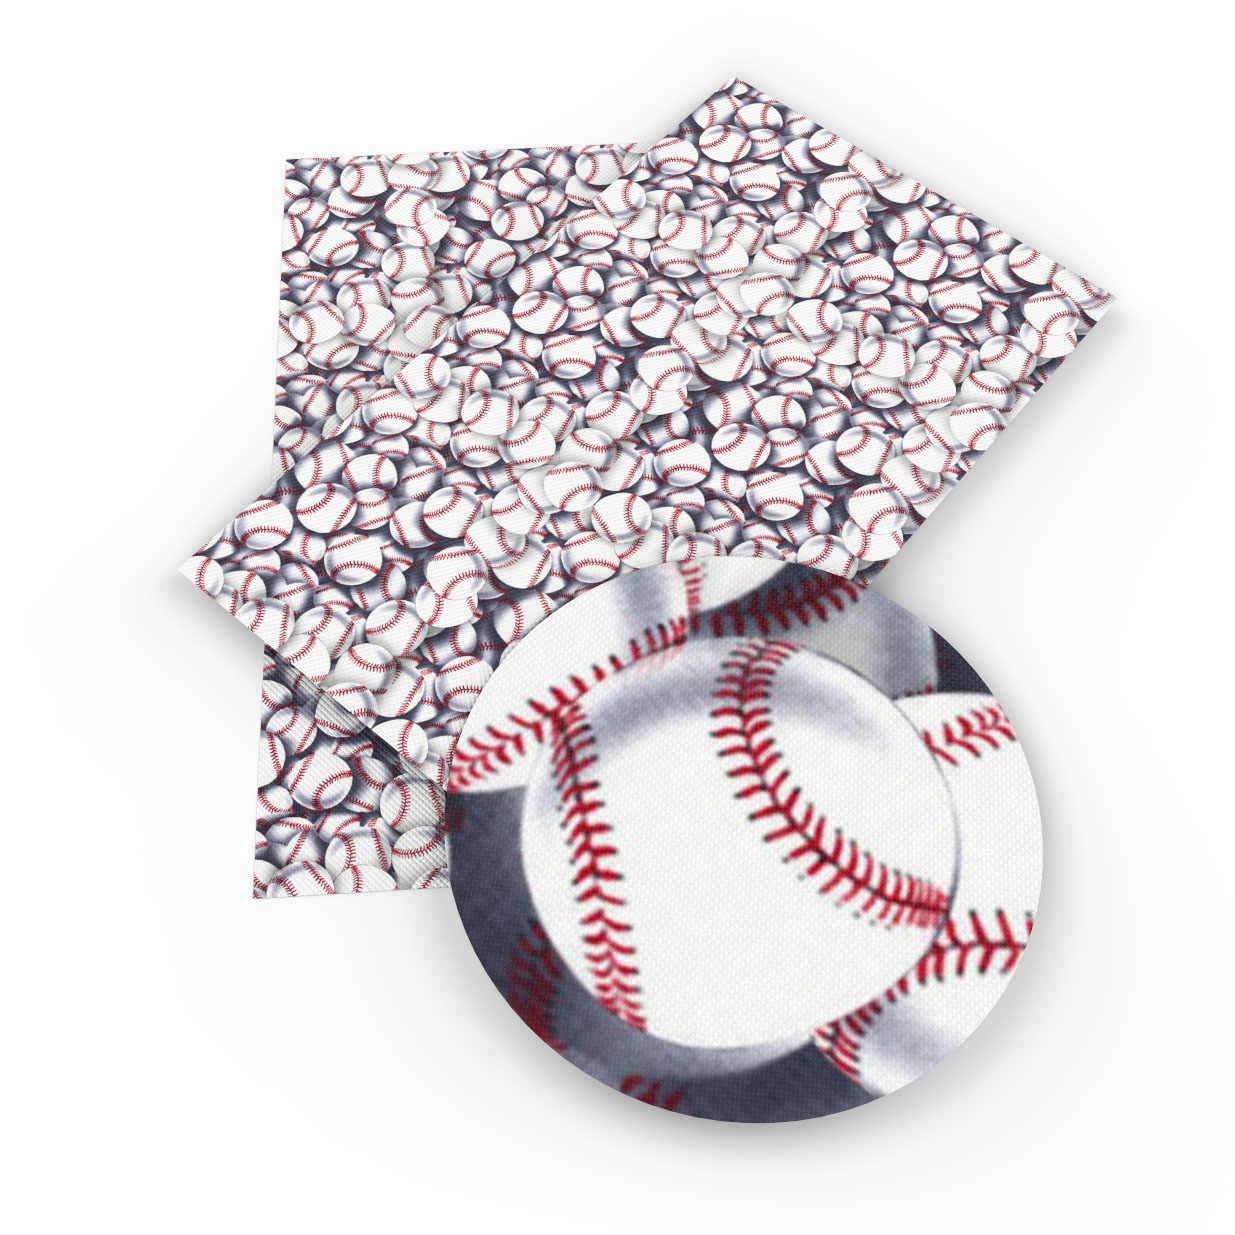 David acessórios 20*34cm futebol esportes baseball Falso Tecido De Couro Sintético Sacos Knotbow DIY Decorativo, 1Yc3574